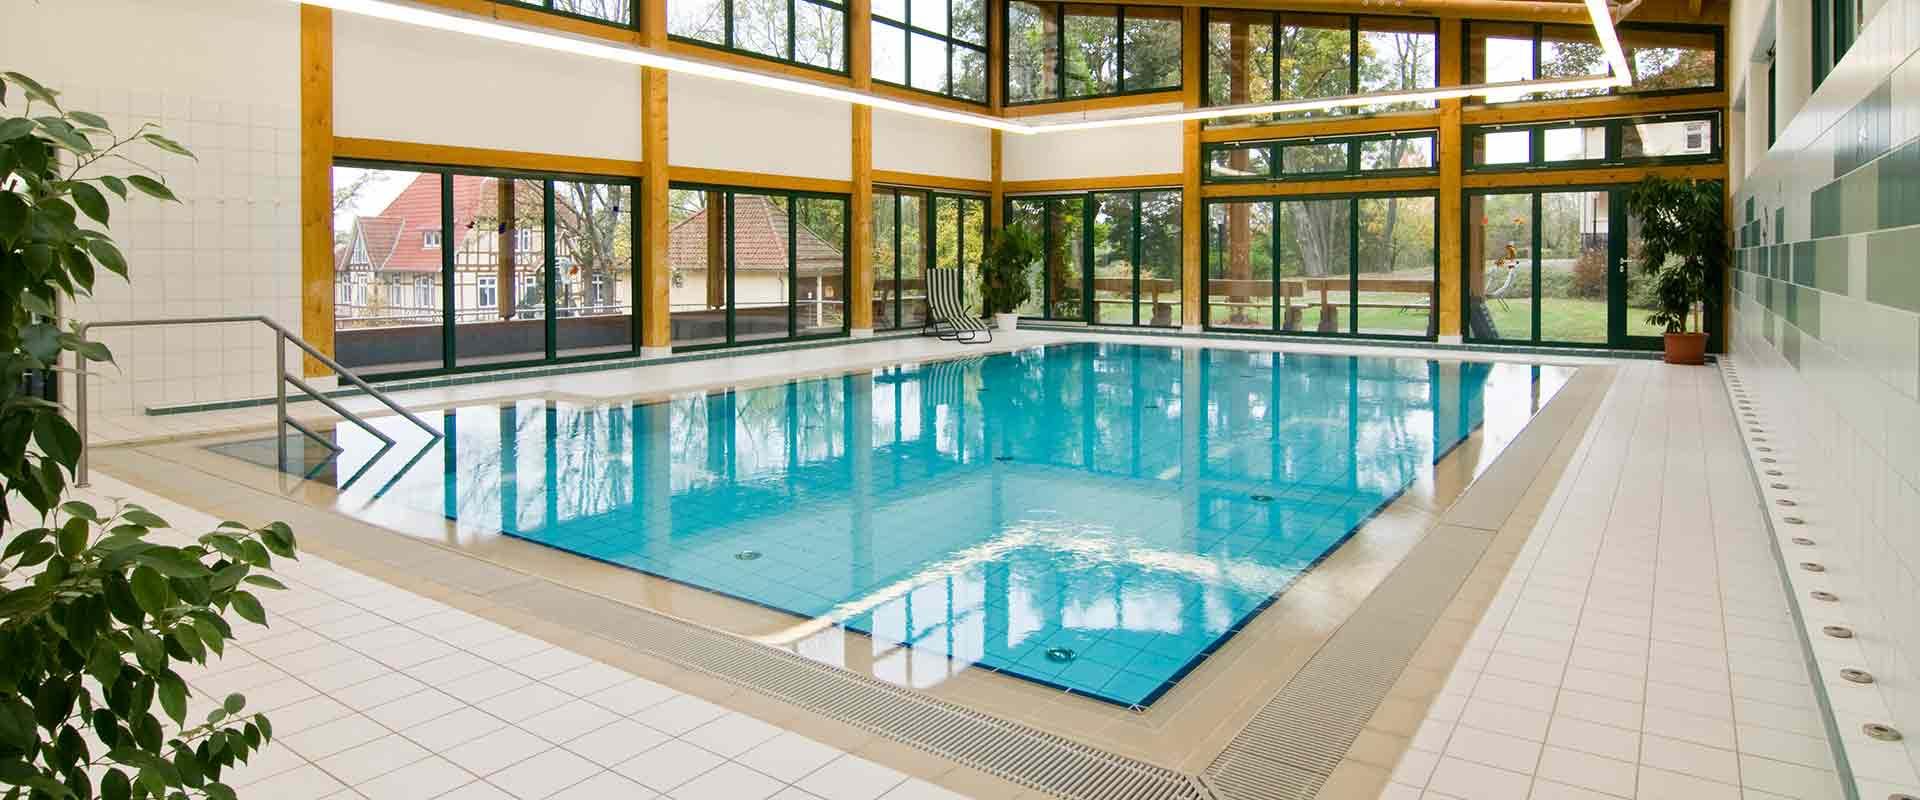 Schwimmbad in der MEDIAN Klinik Römhild